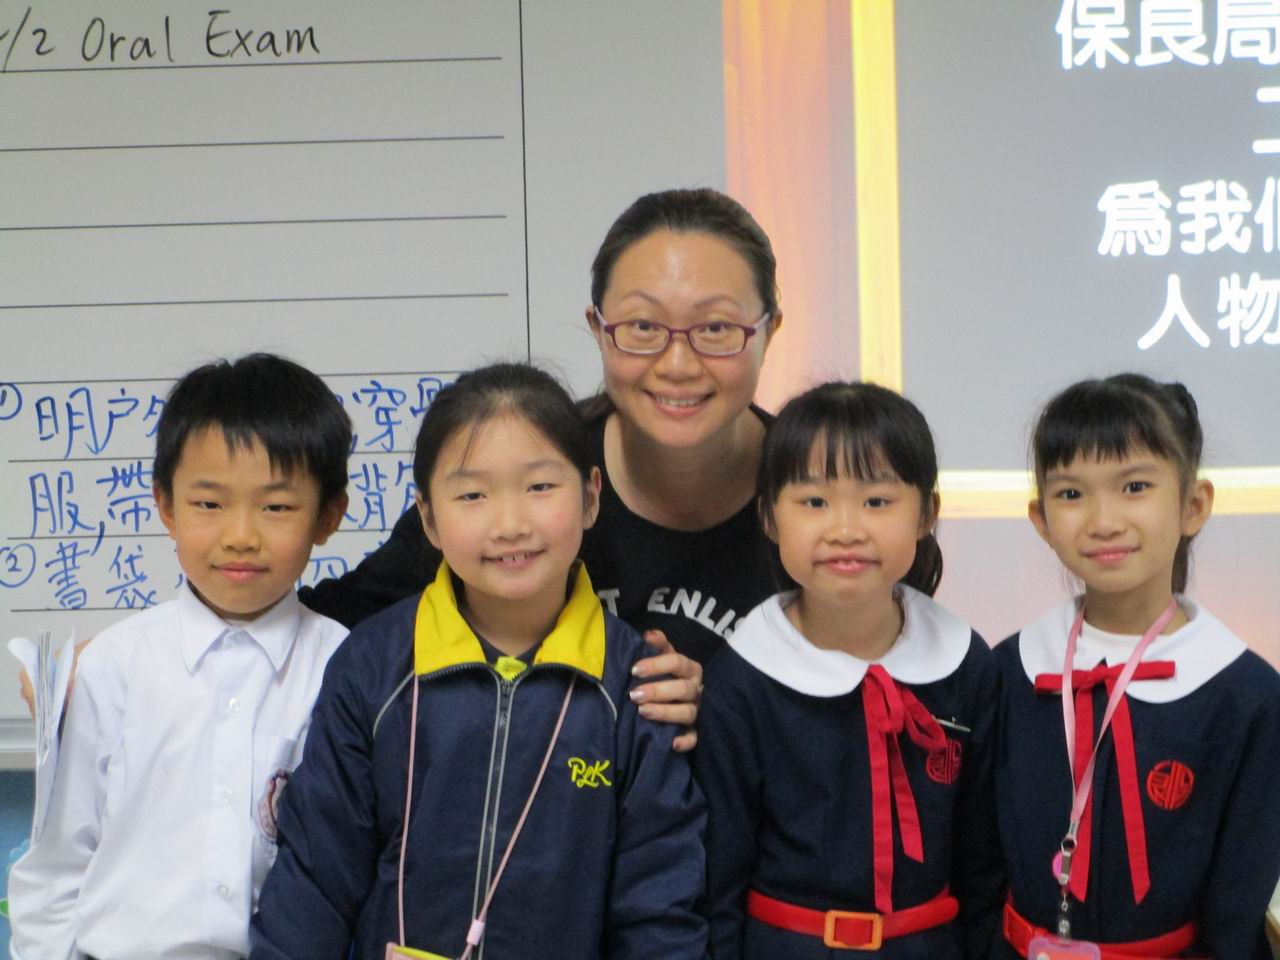 https://www.plkcjy.edu.hk/sites/default/files/img_2886.jpg